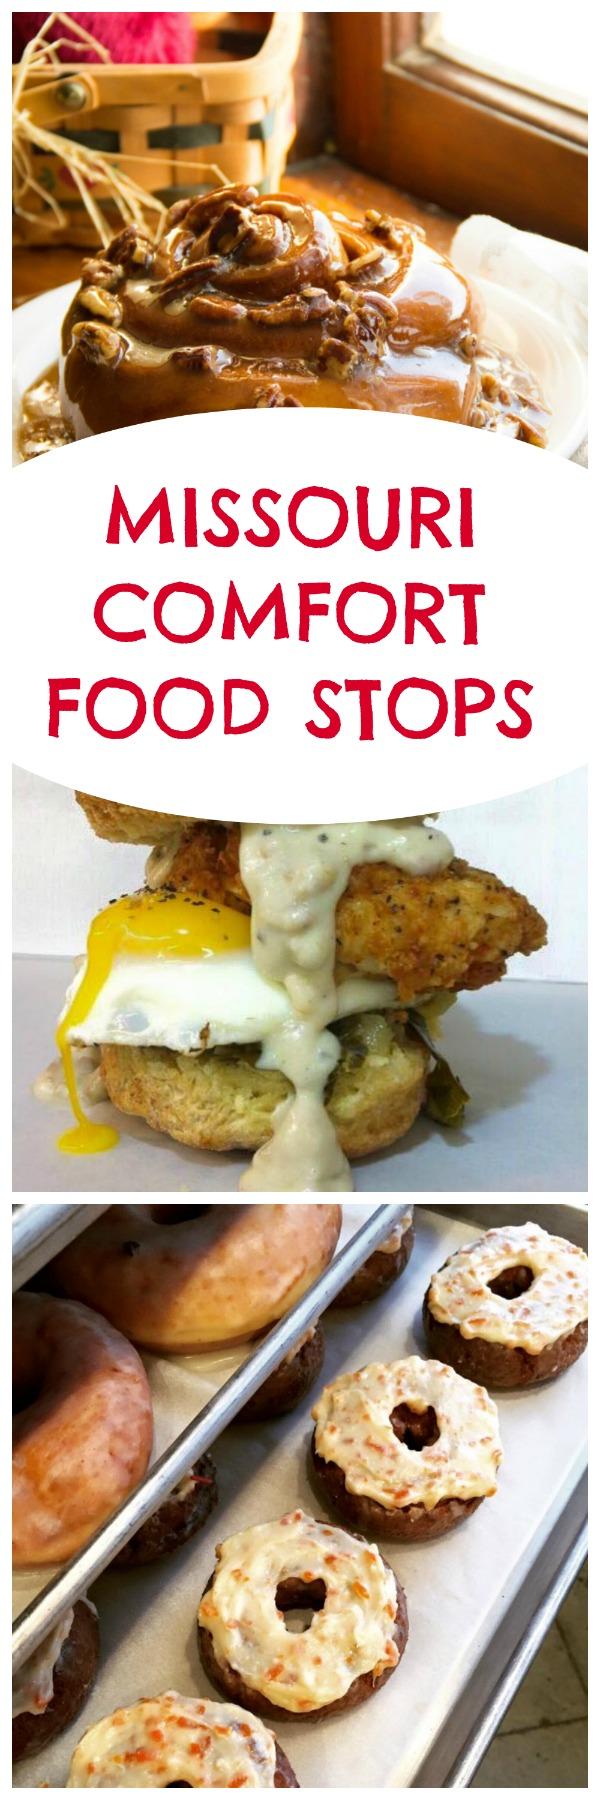 Missouri Comfort Food